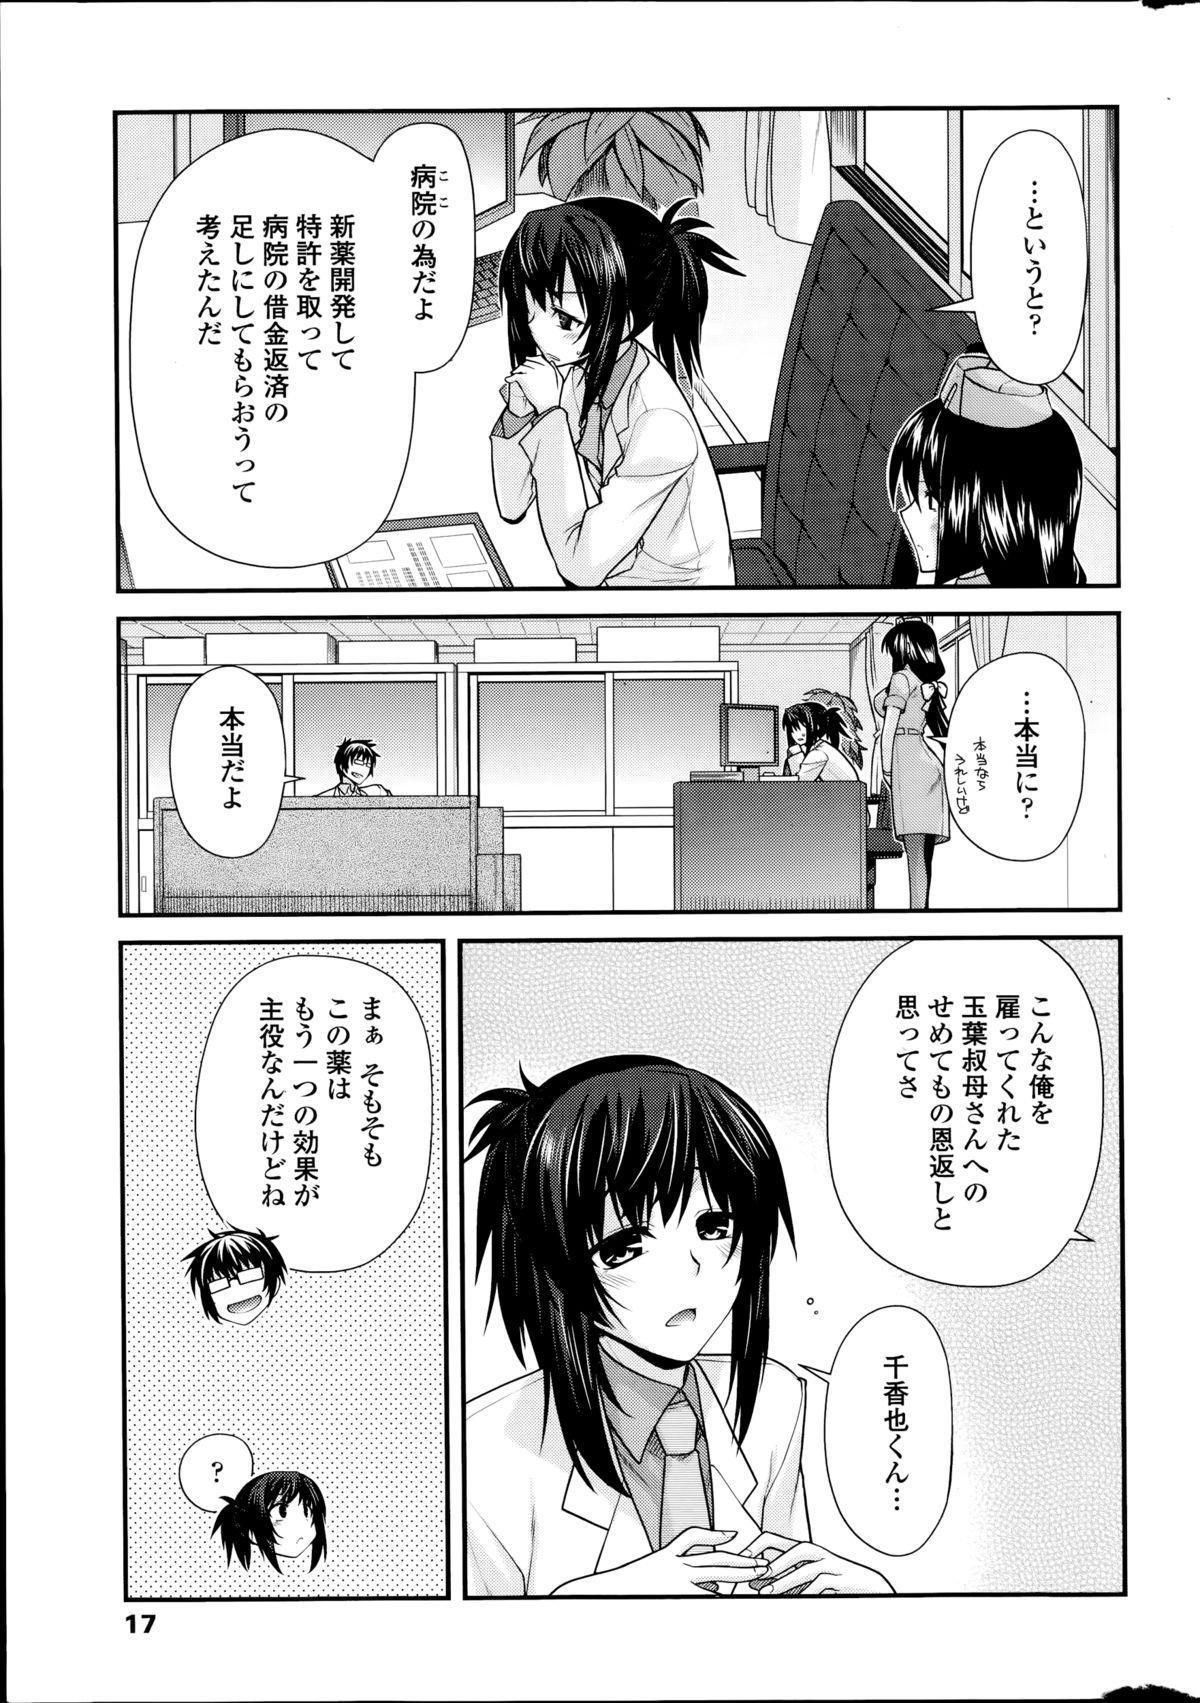 Yumemirukusuri Ch.1-3 4